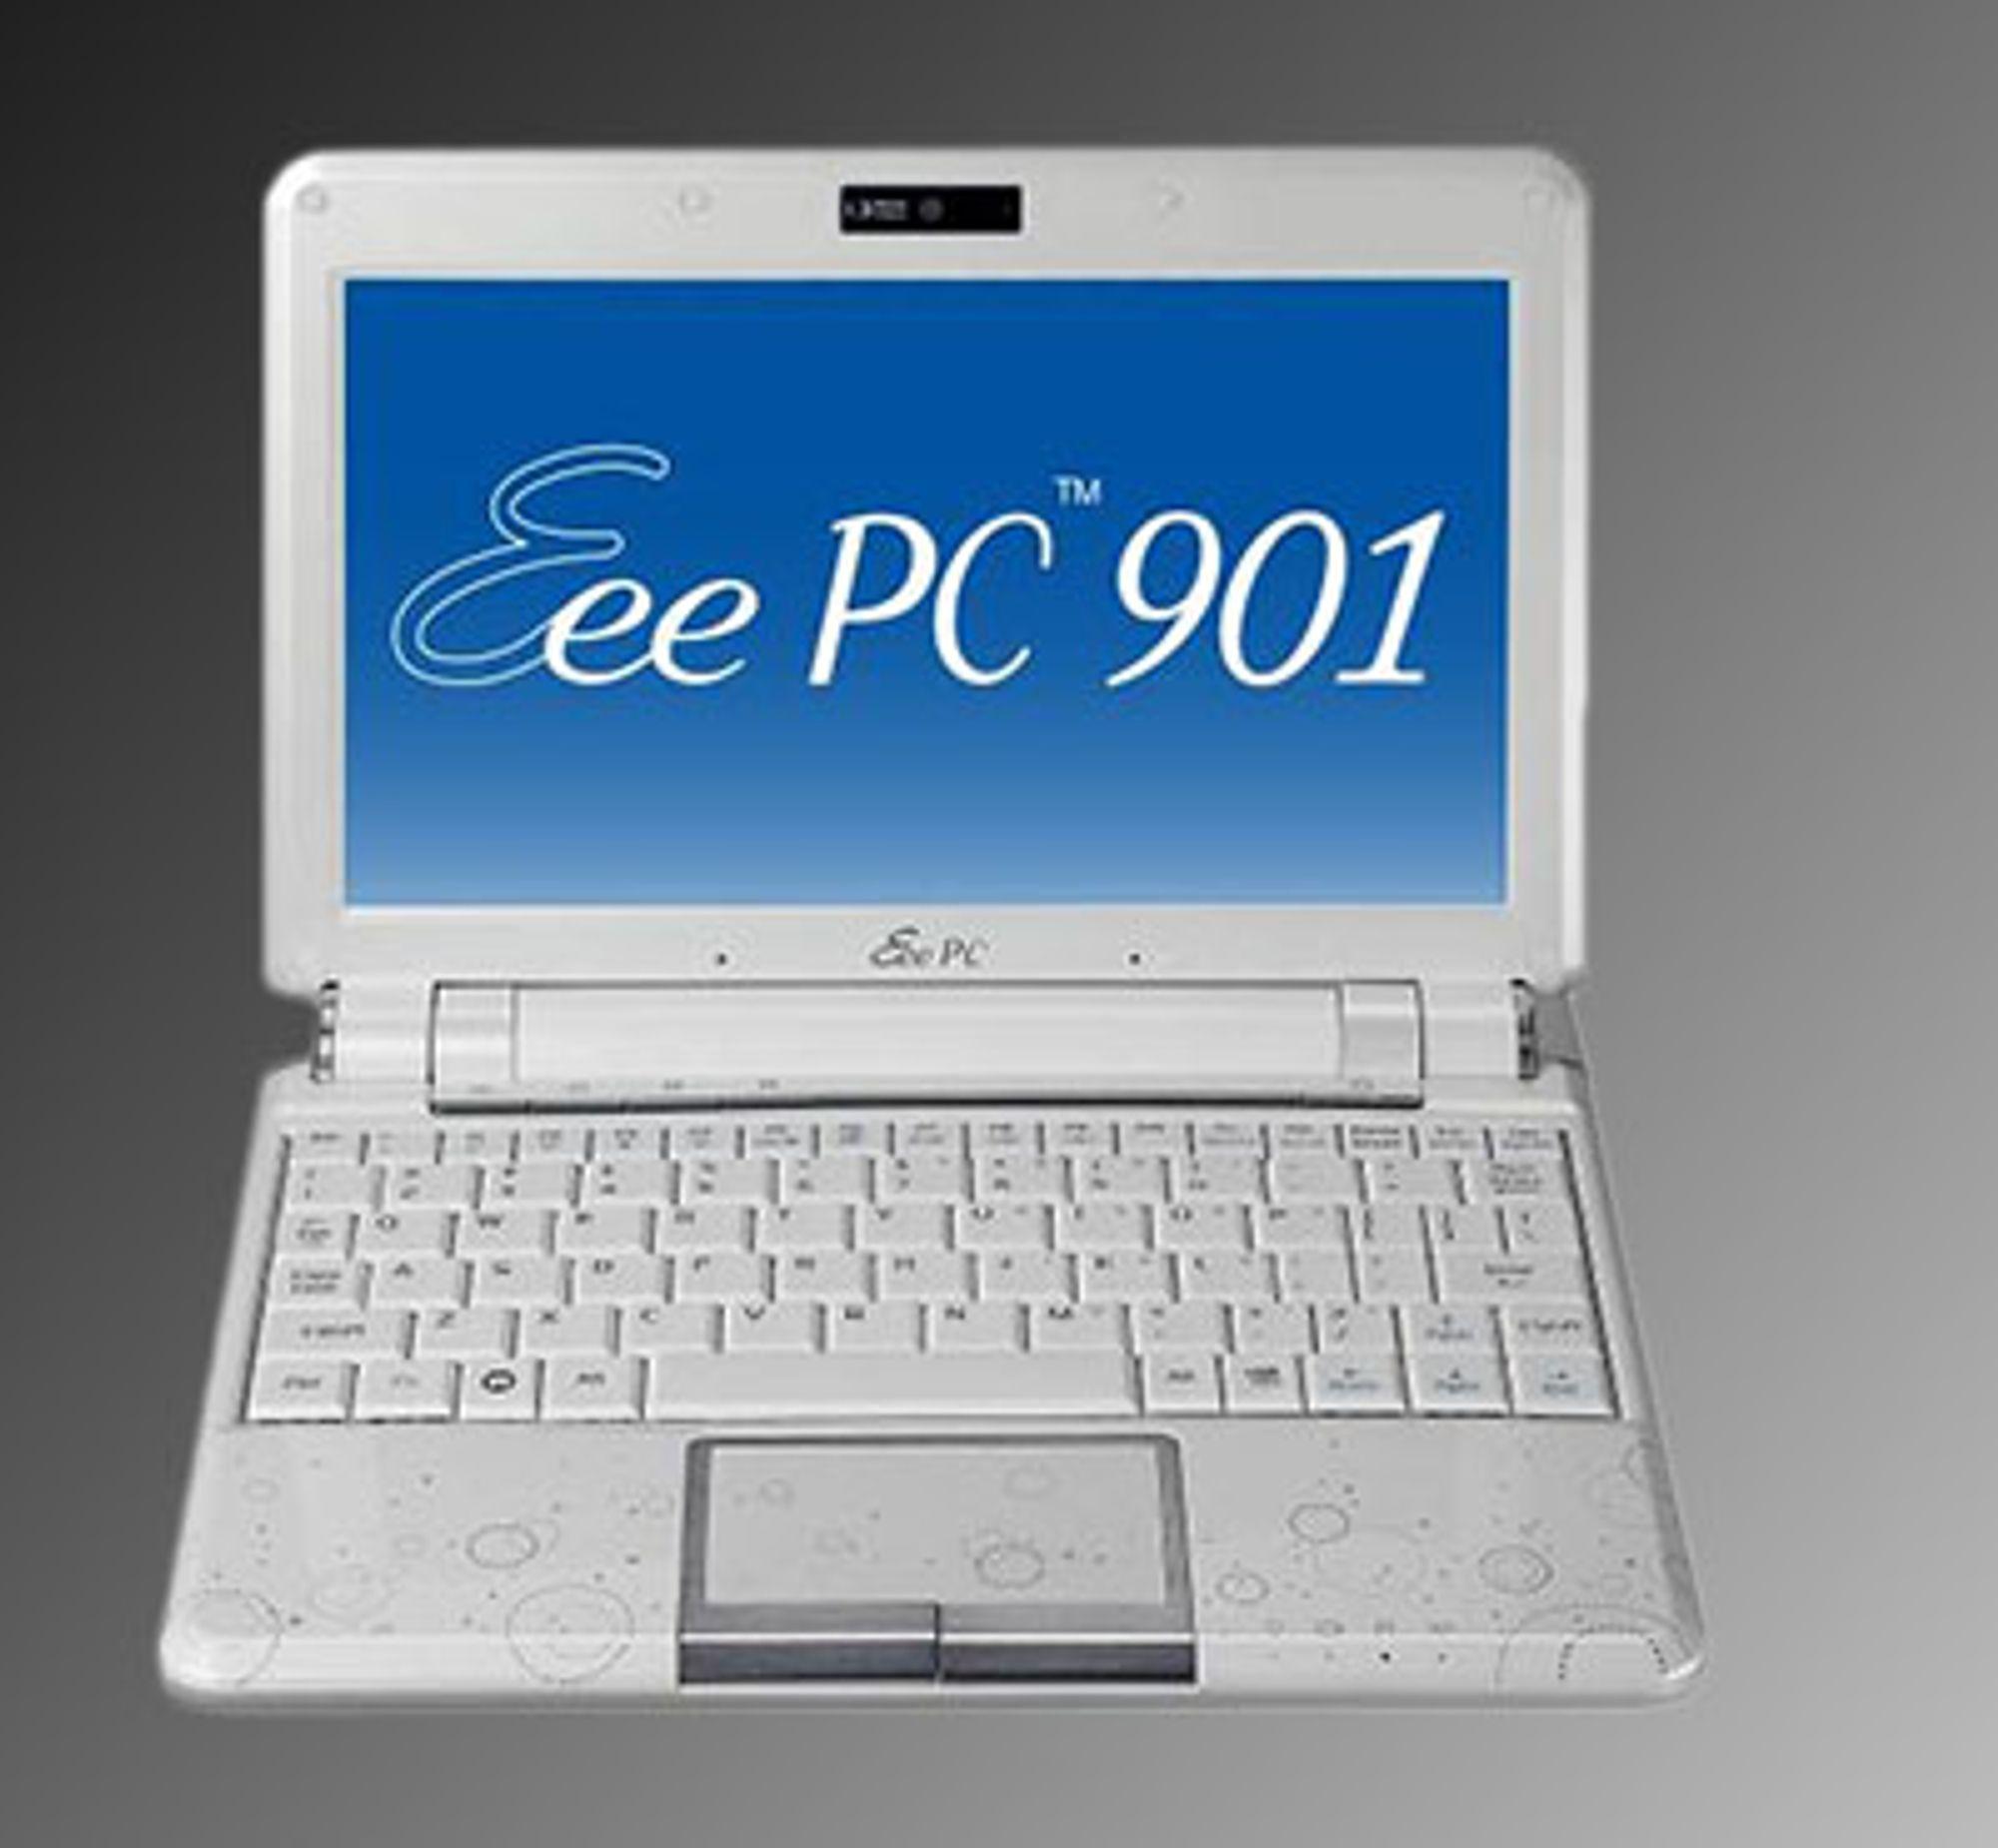 Lekkert design på Asus sin nye nett-PC